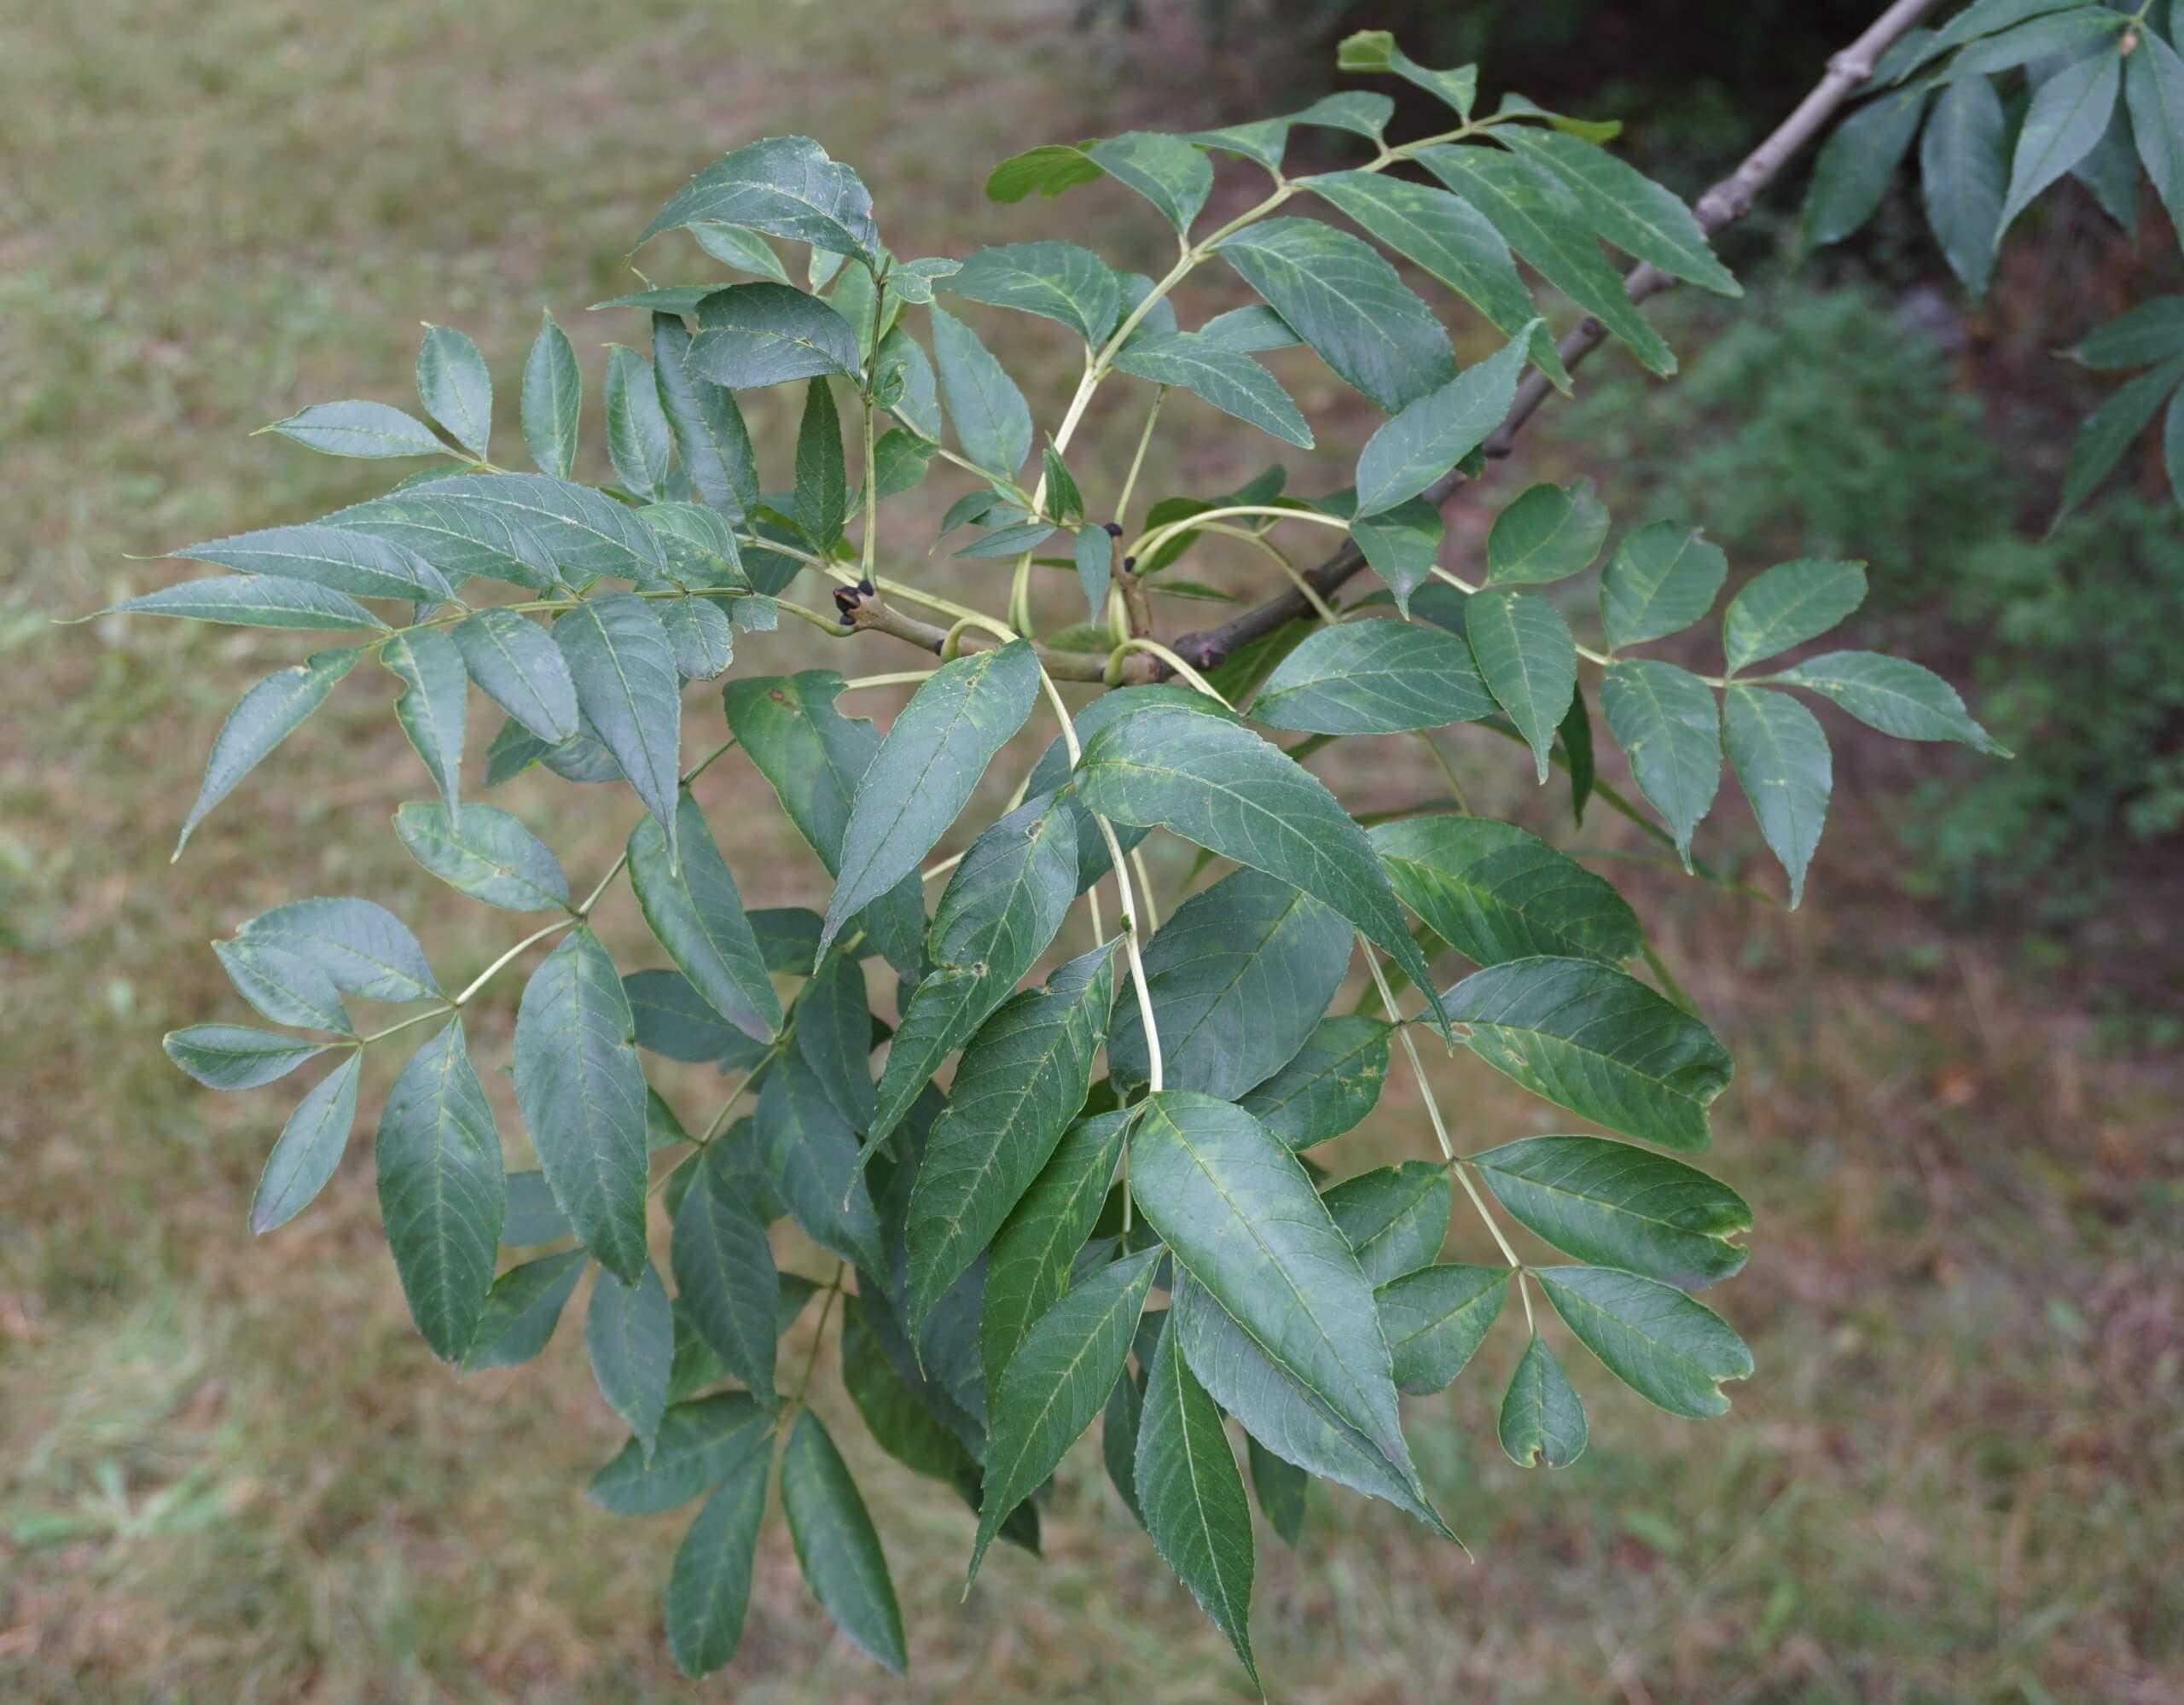 Das Bild zeigt die recht langen, an den Zweigen gegenständig ansitzenden Fiederblätter. Sie sind zweizeilig mit 9-13 Fiederblättchen versehen, wobei sich ein Blatt an der Sitze befindet.